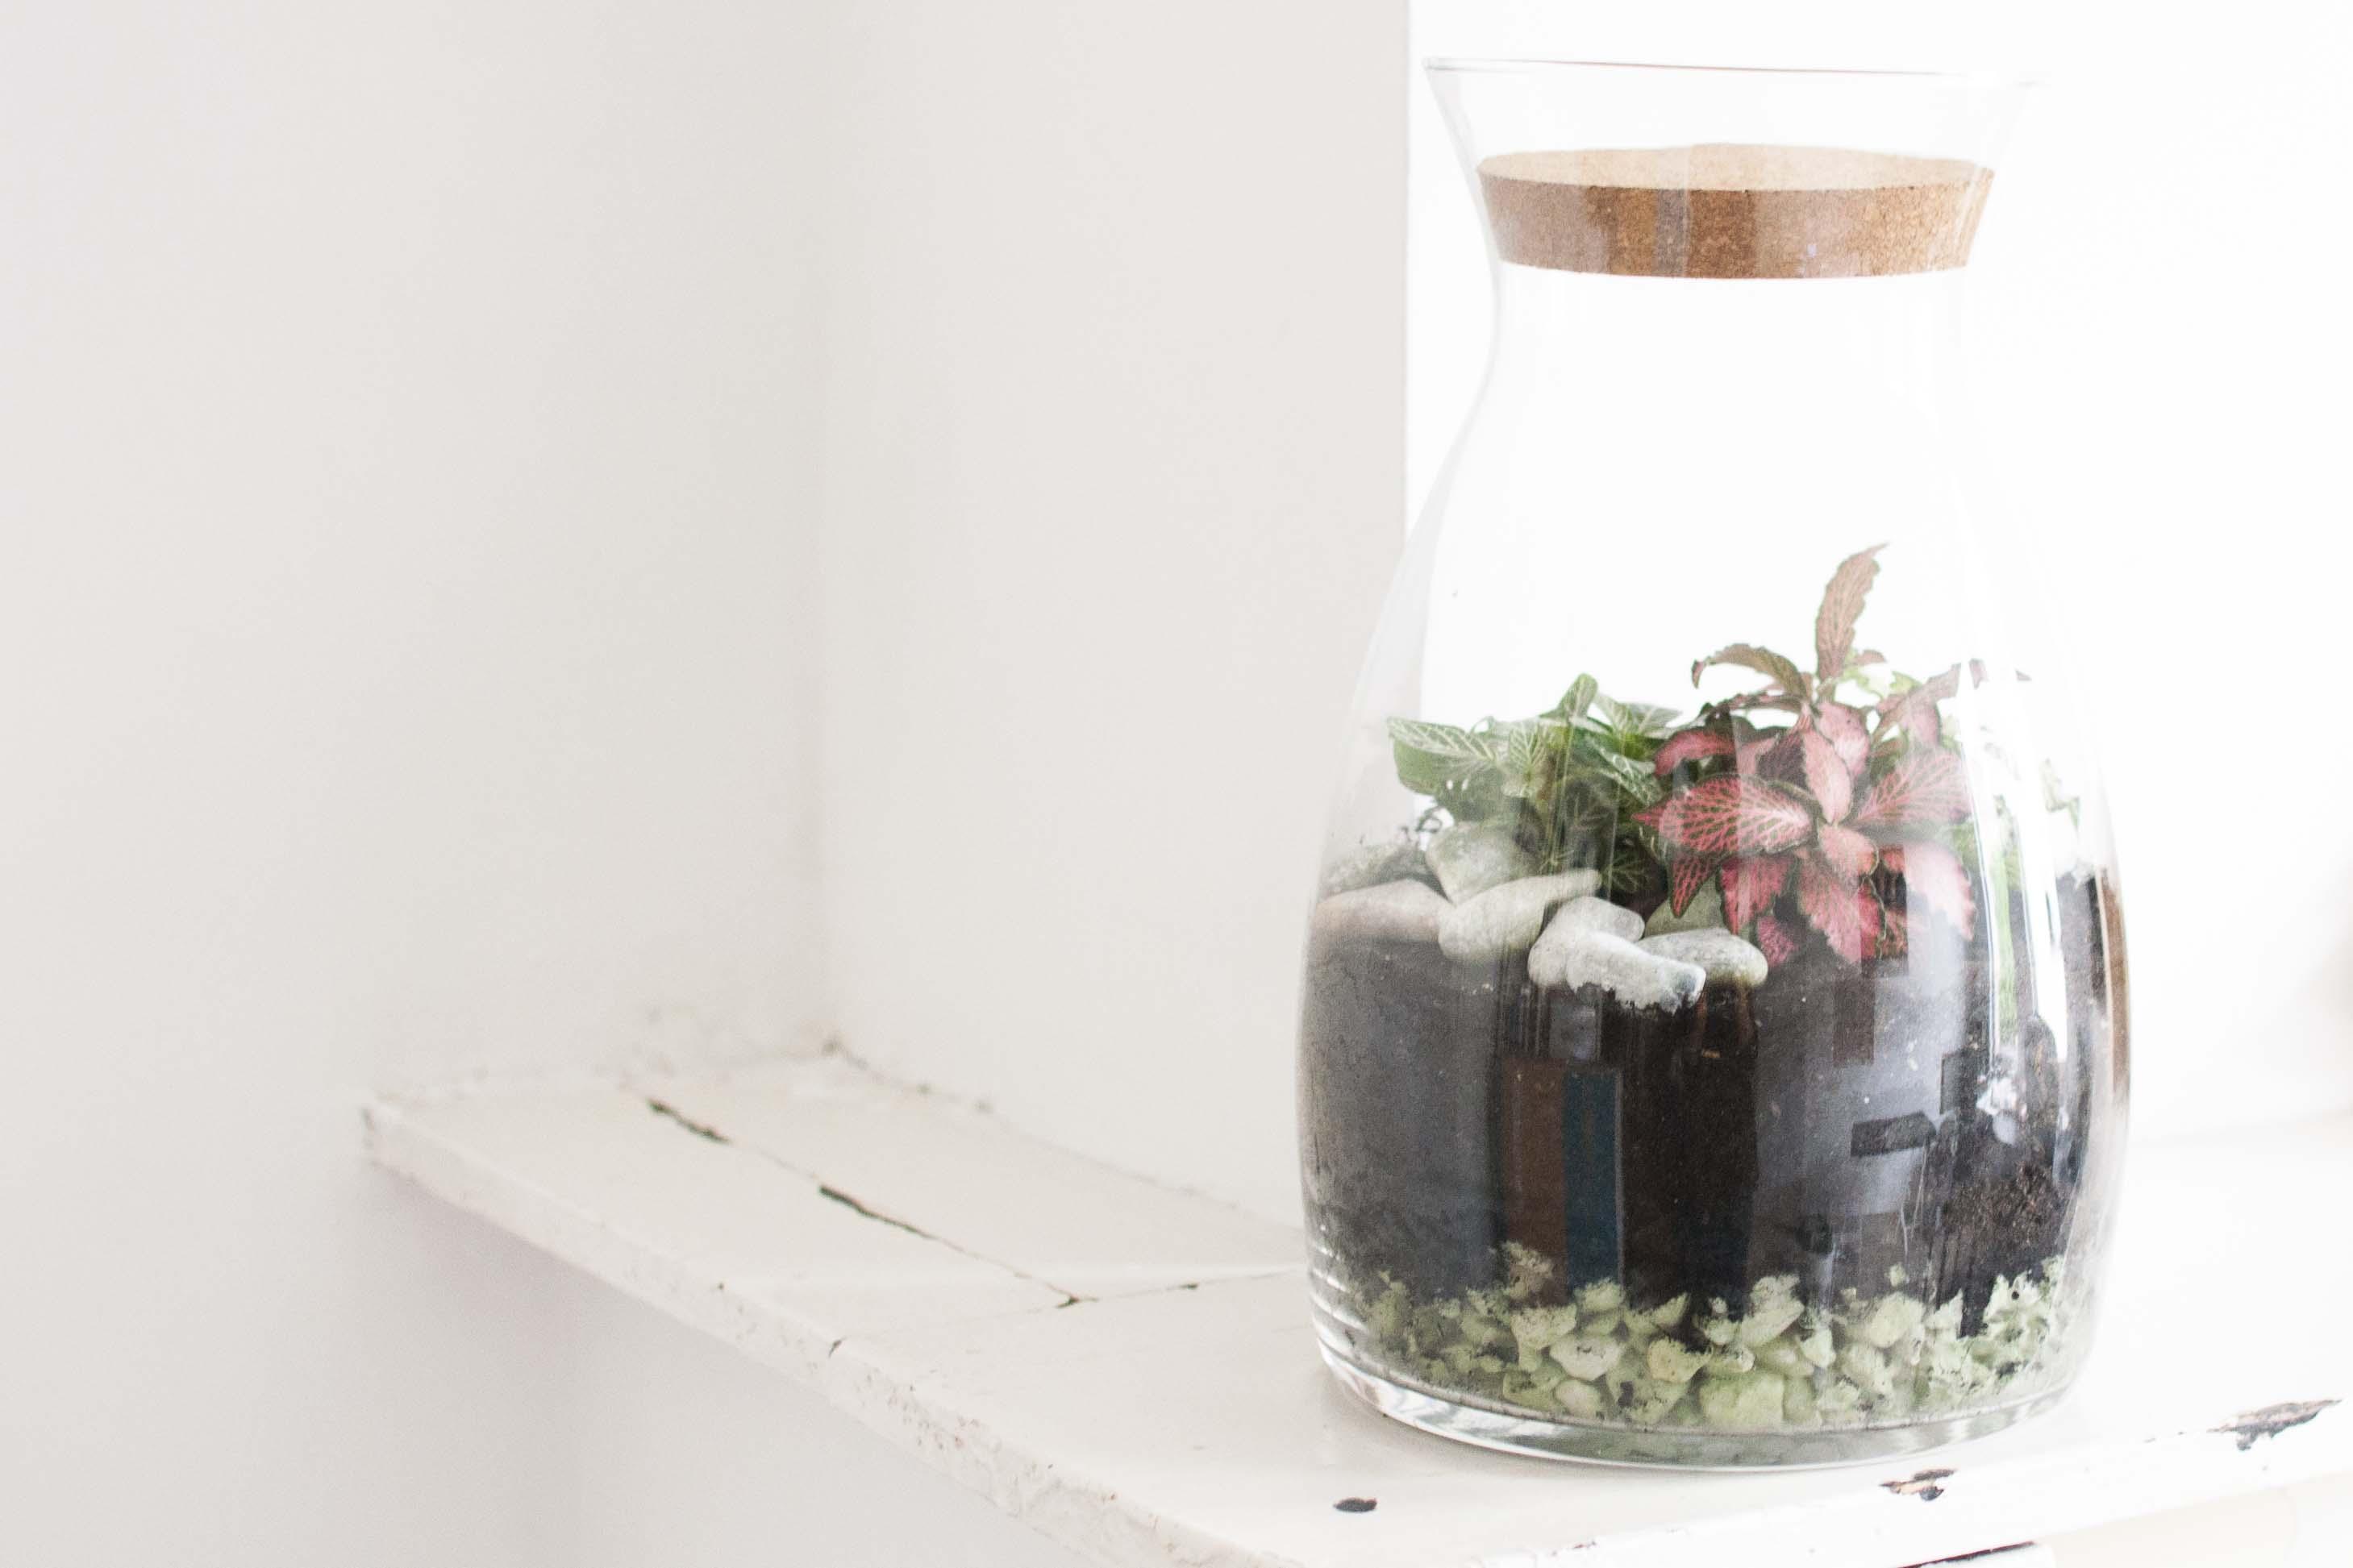 DIY closed terrarium eco system